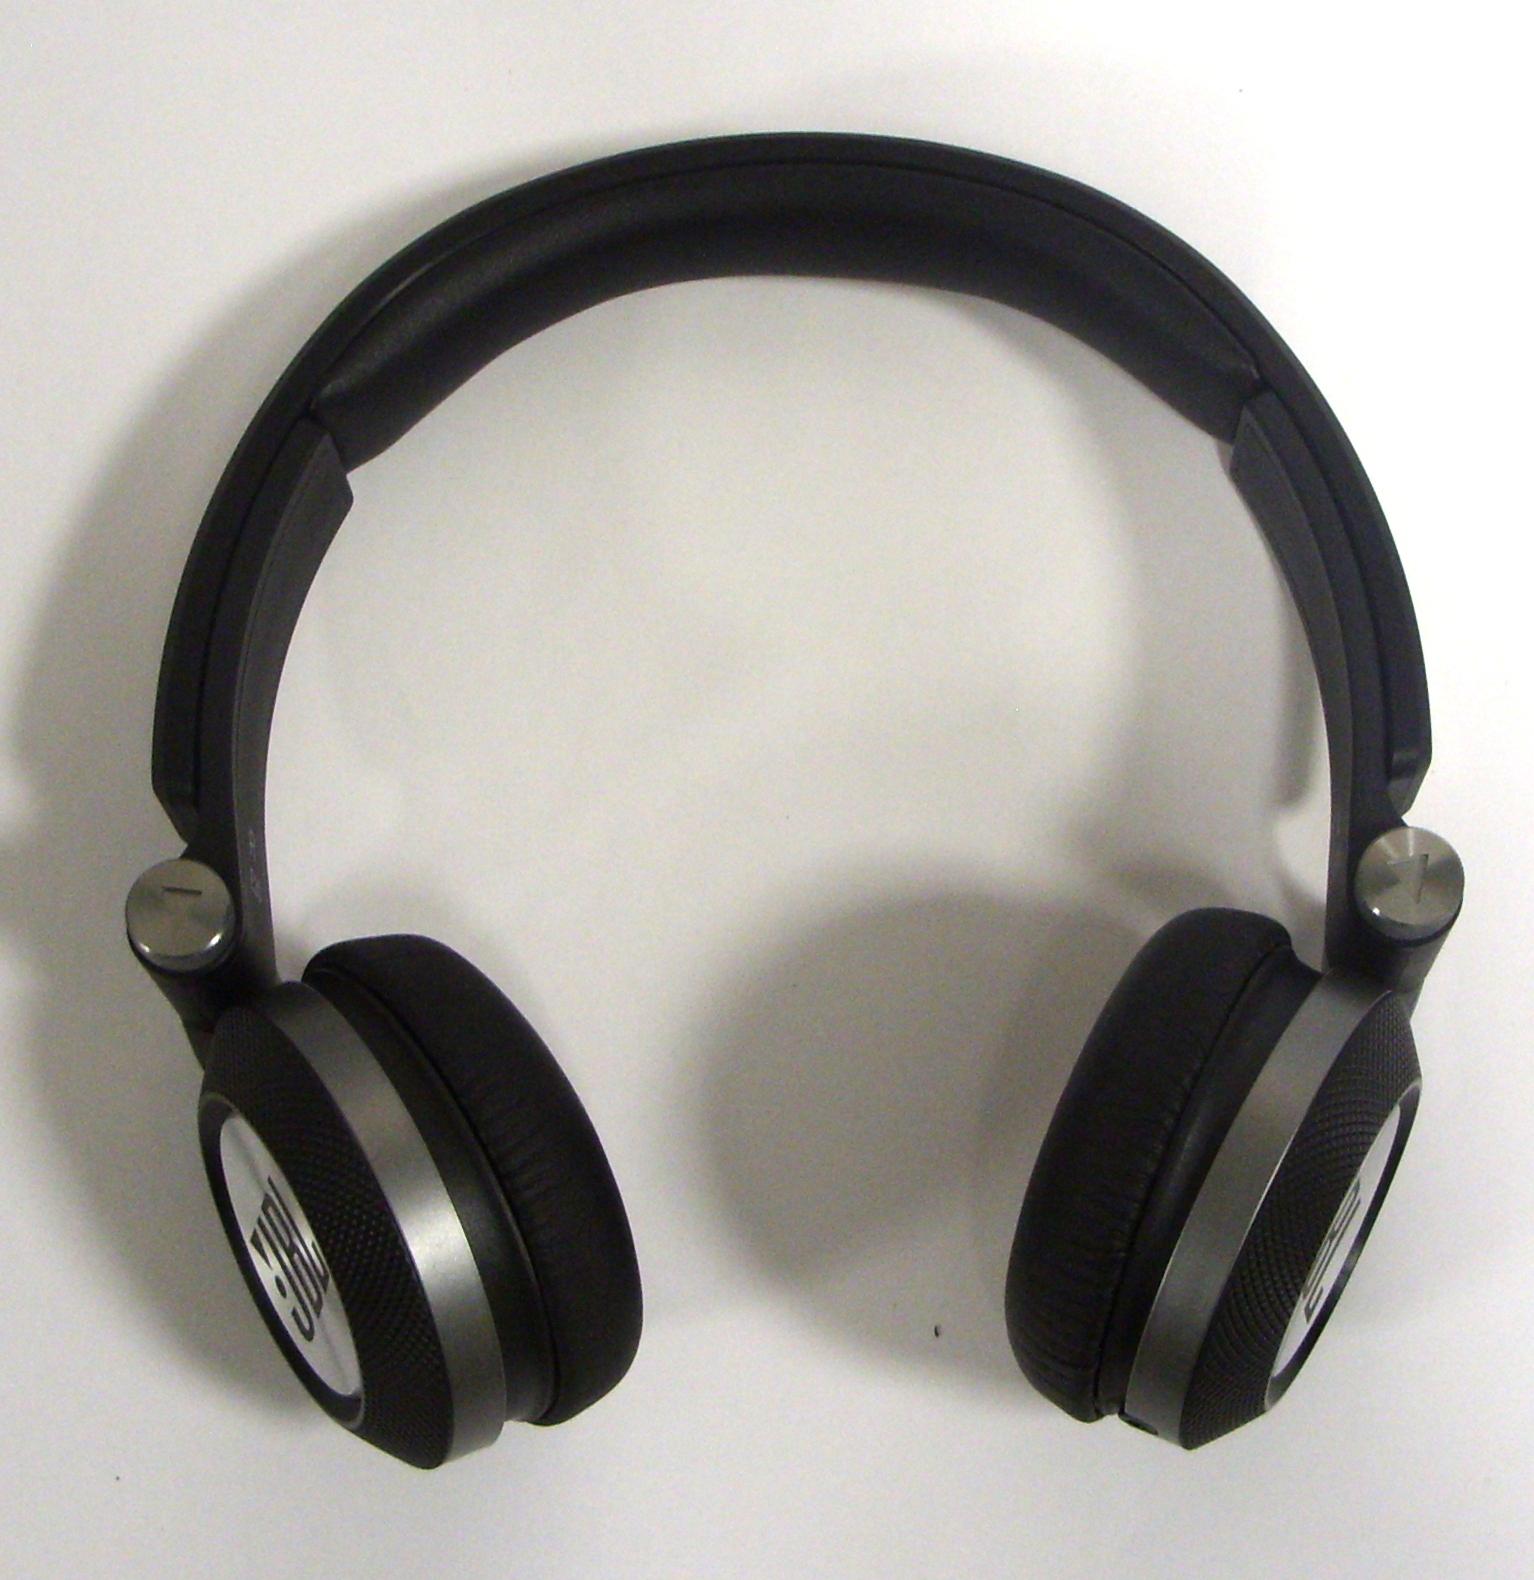 Suchawki Przewodowe Jbl Synchros E30 Nauszne 6985127046 Headset